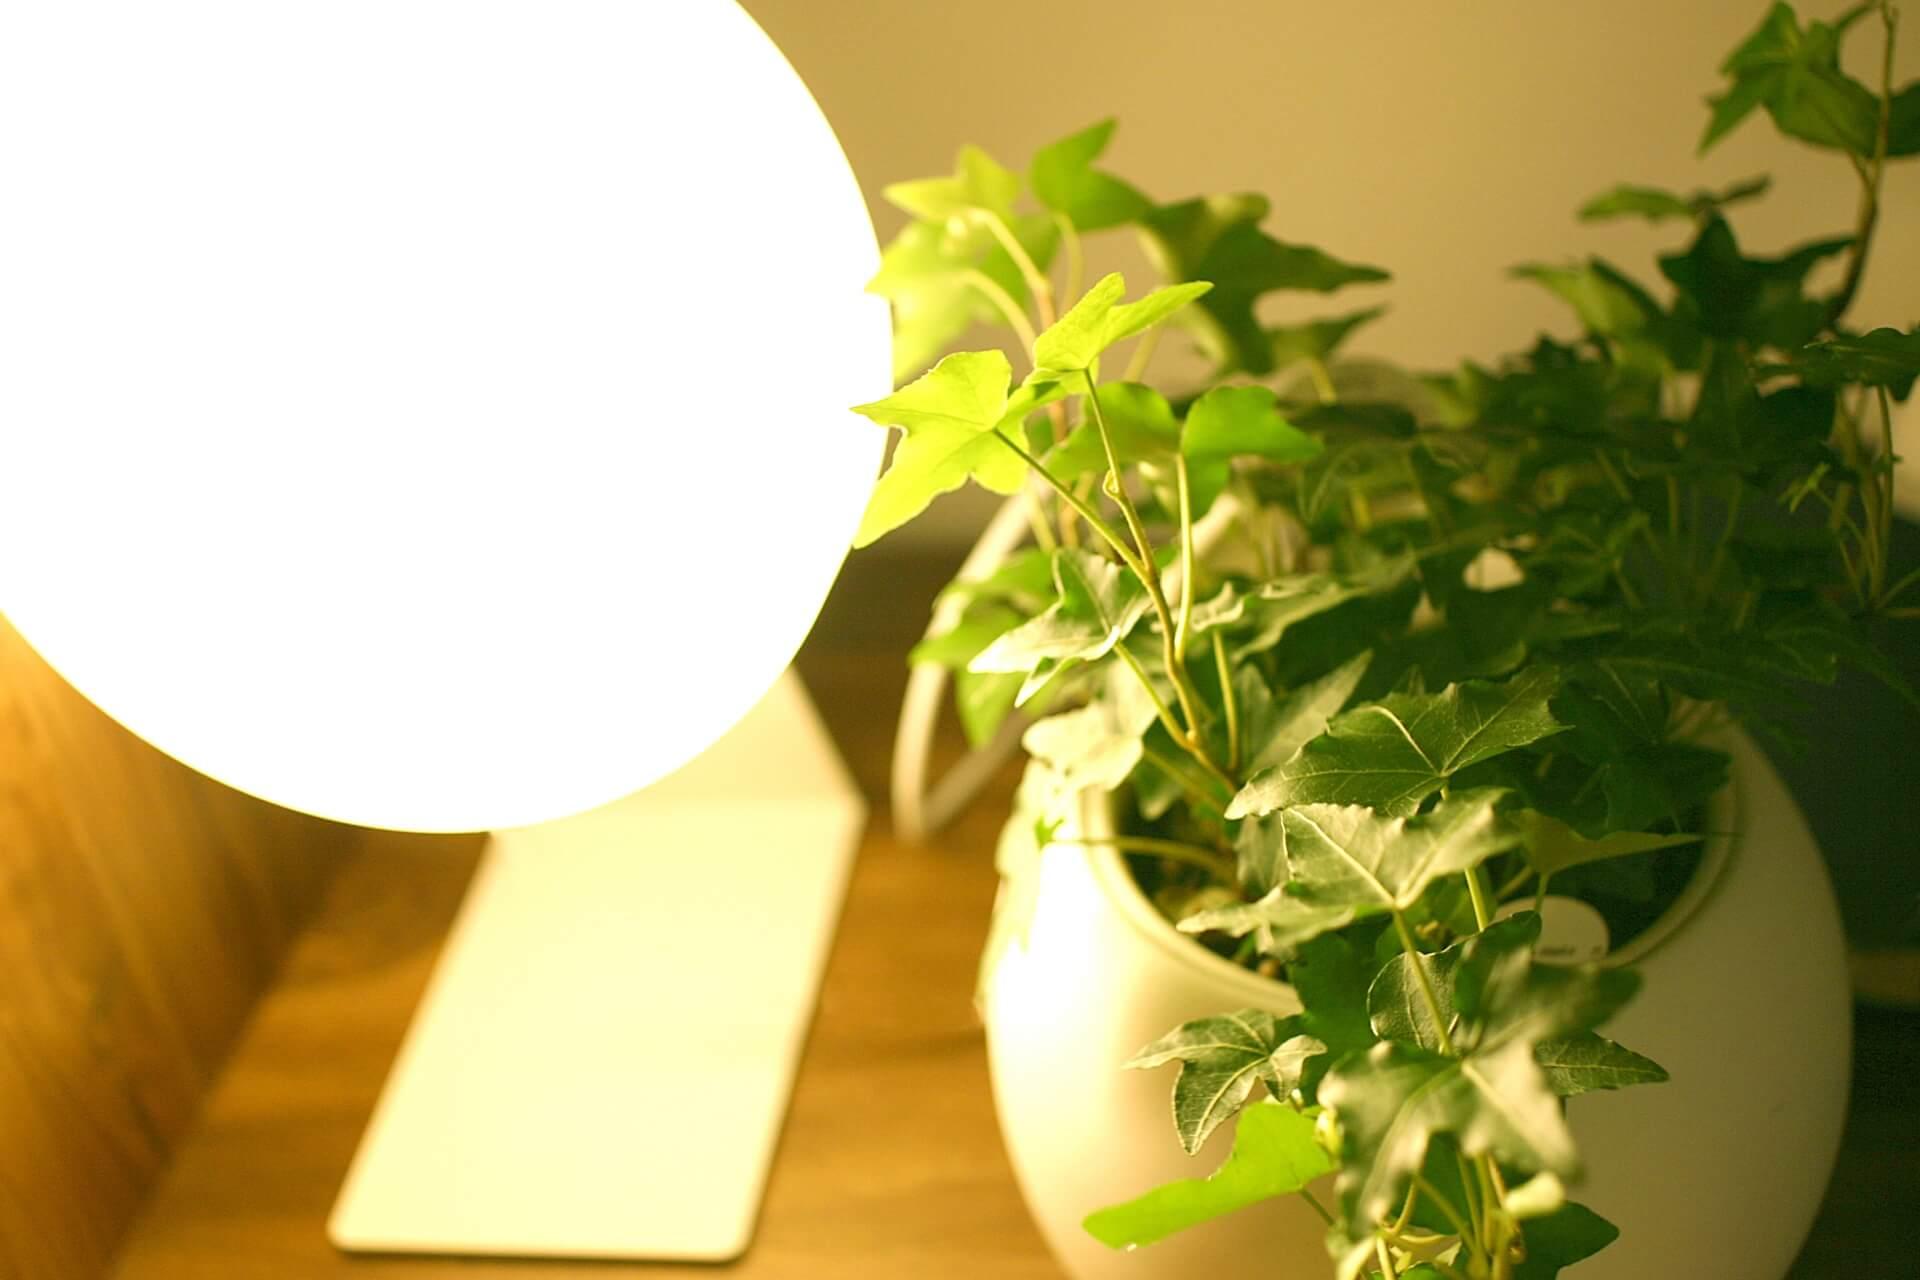 ライトと植物の画像